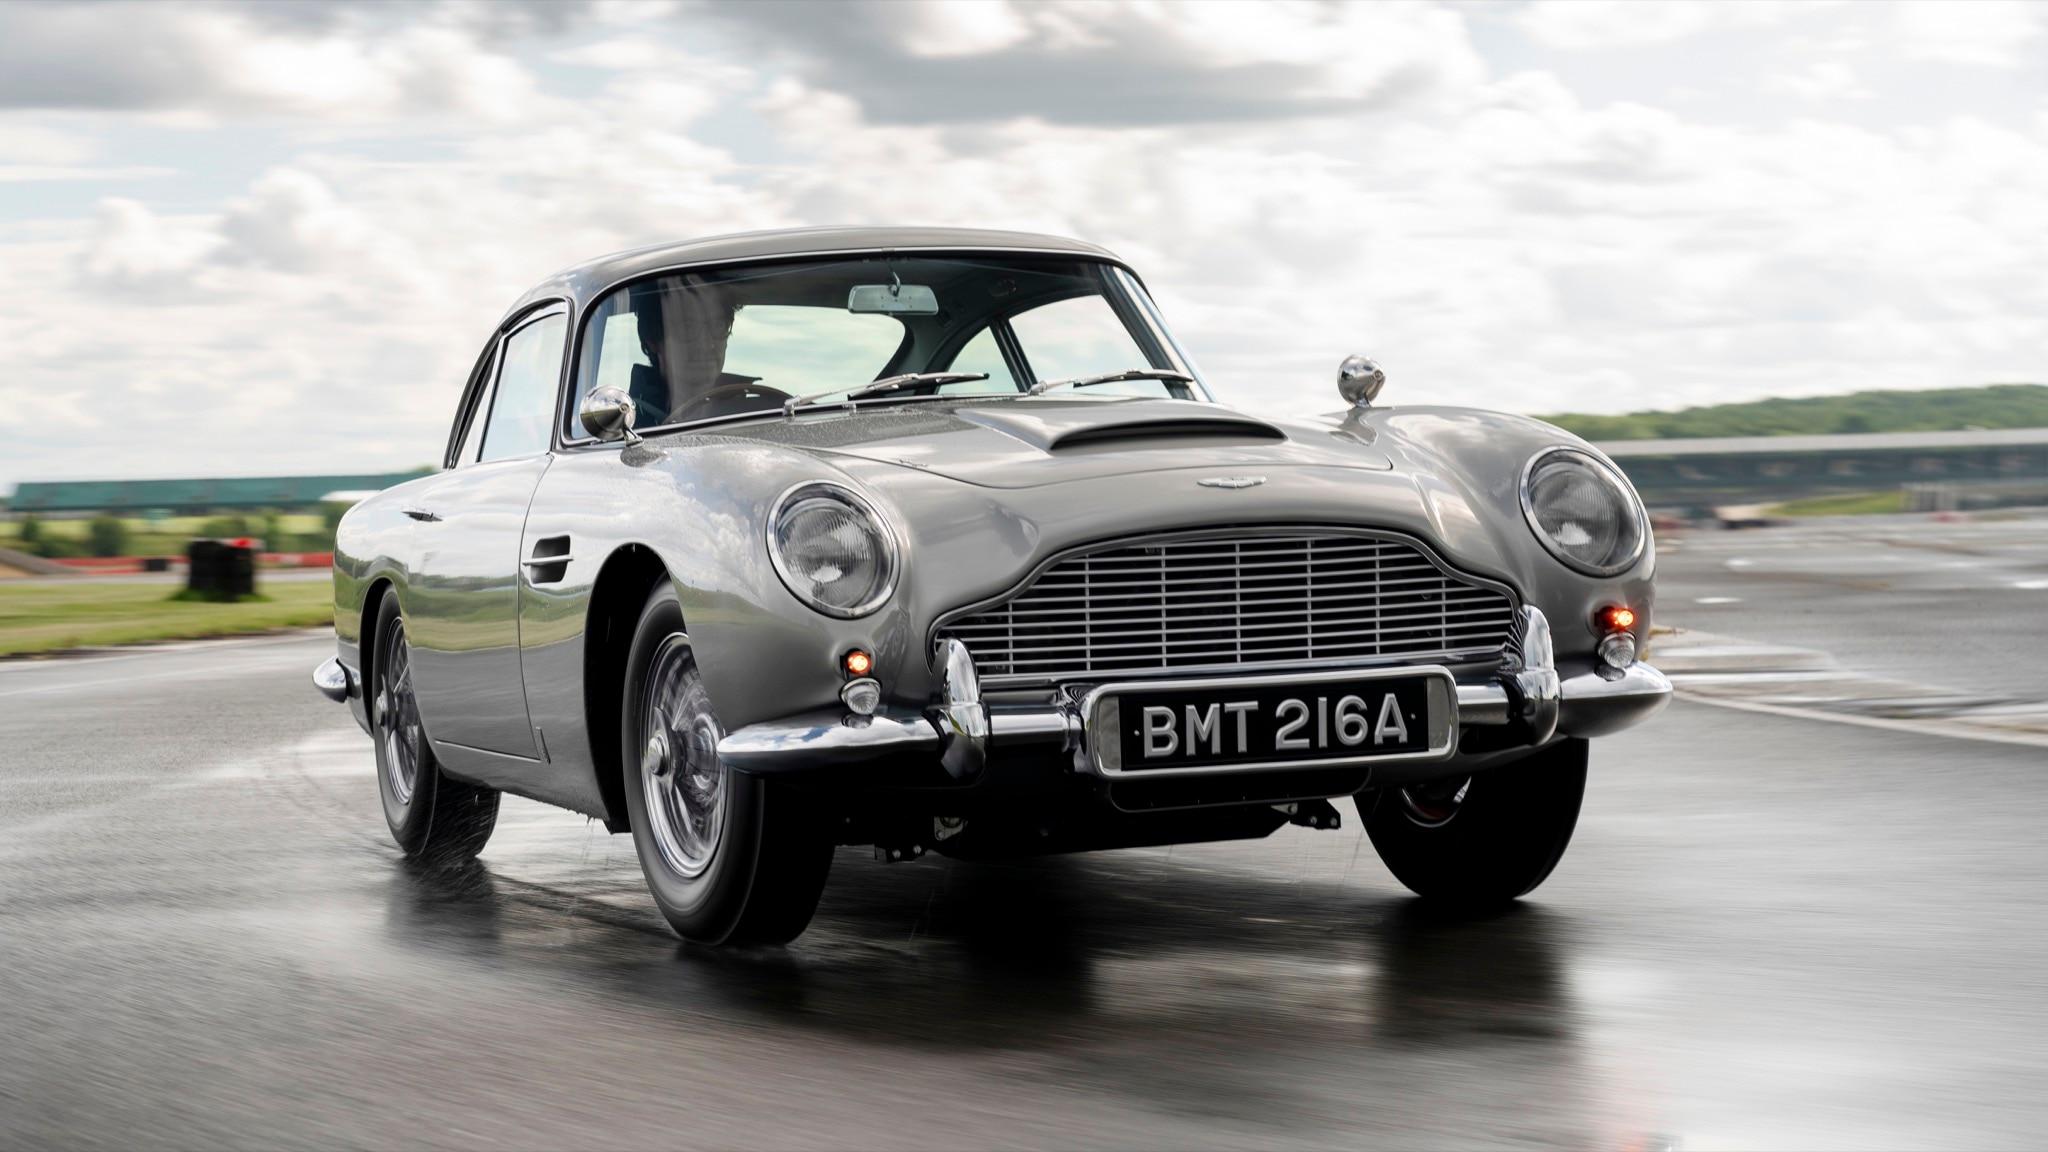 Meet the 25 Goldfinger-Inspired 1964 Aston Martin DB5...